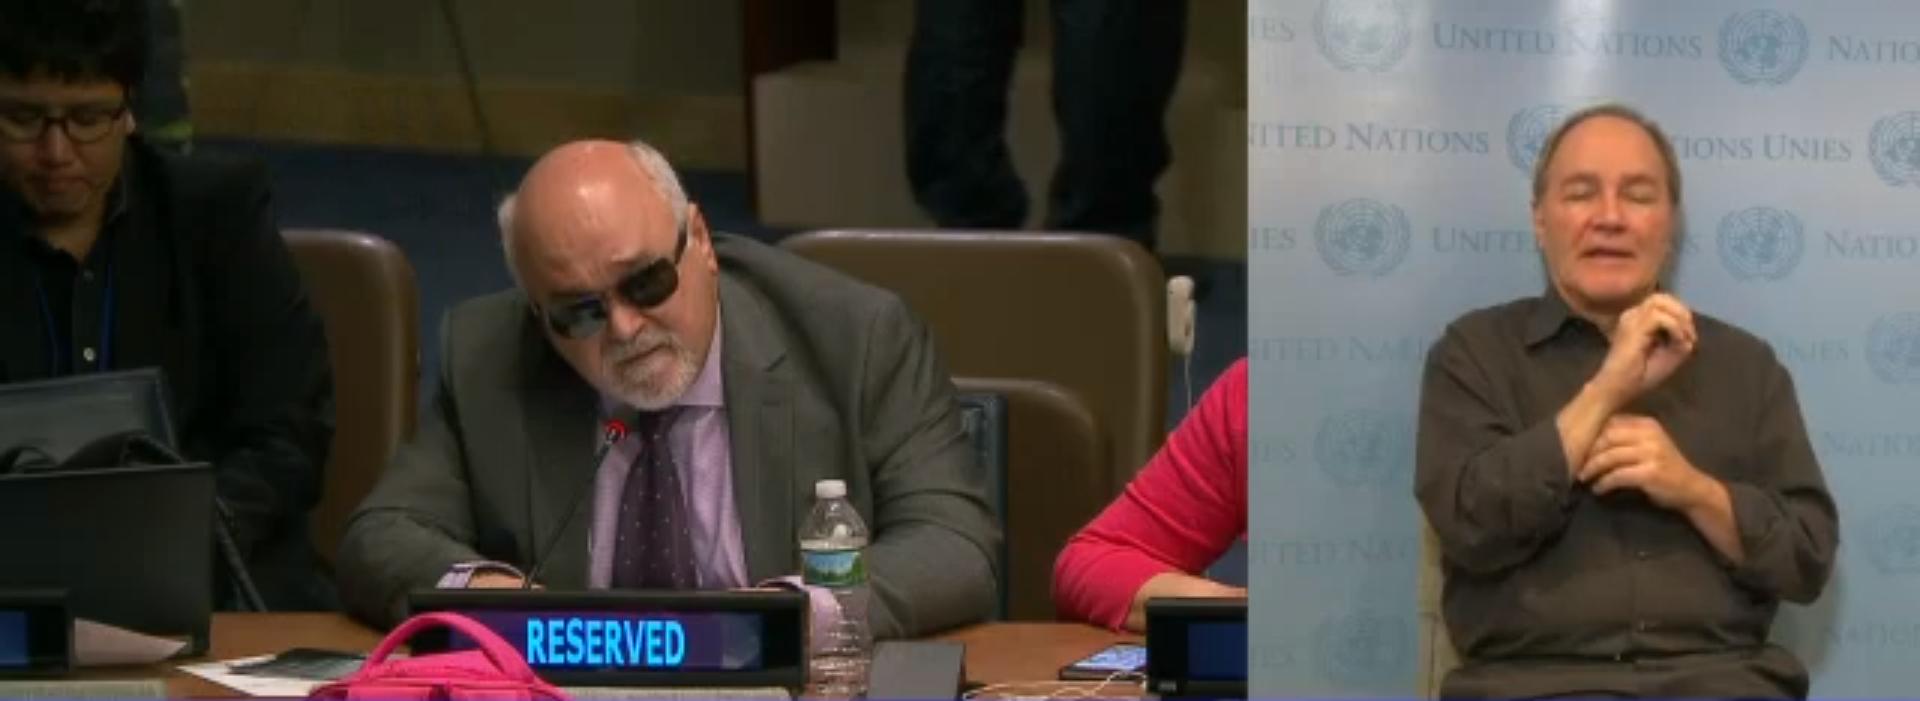 Ομιλία Βαρδακαστάνη στη Διάσκεψη της Σύμβασης για τα δικαιώματα των ΑμεΑ